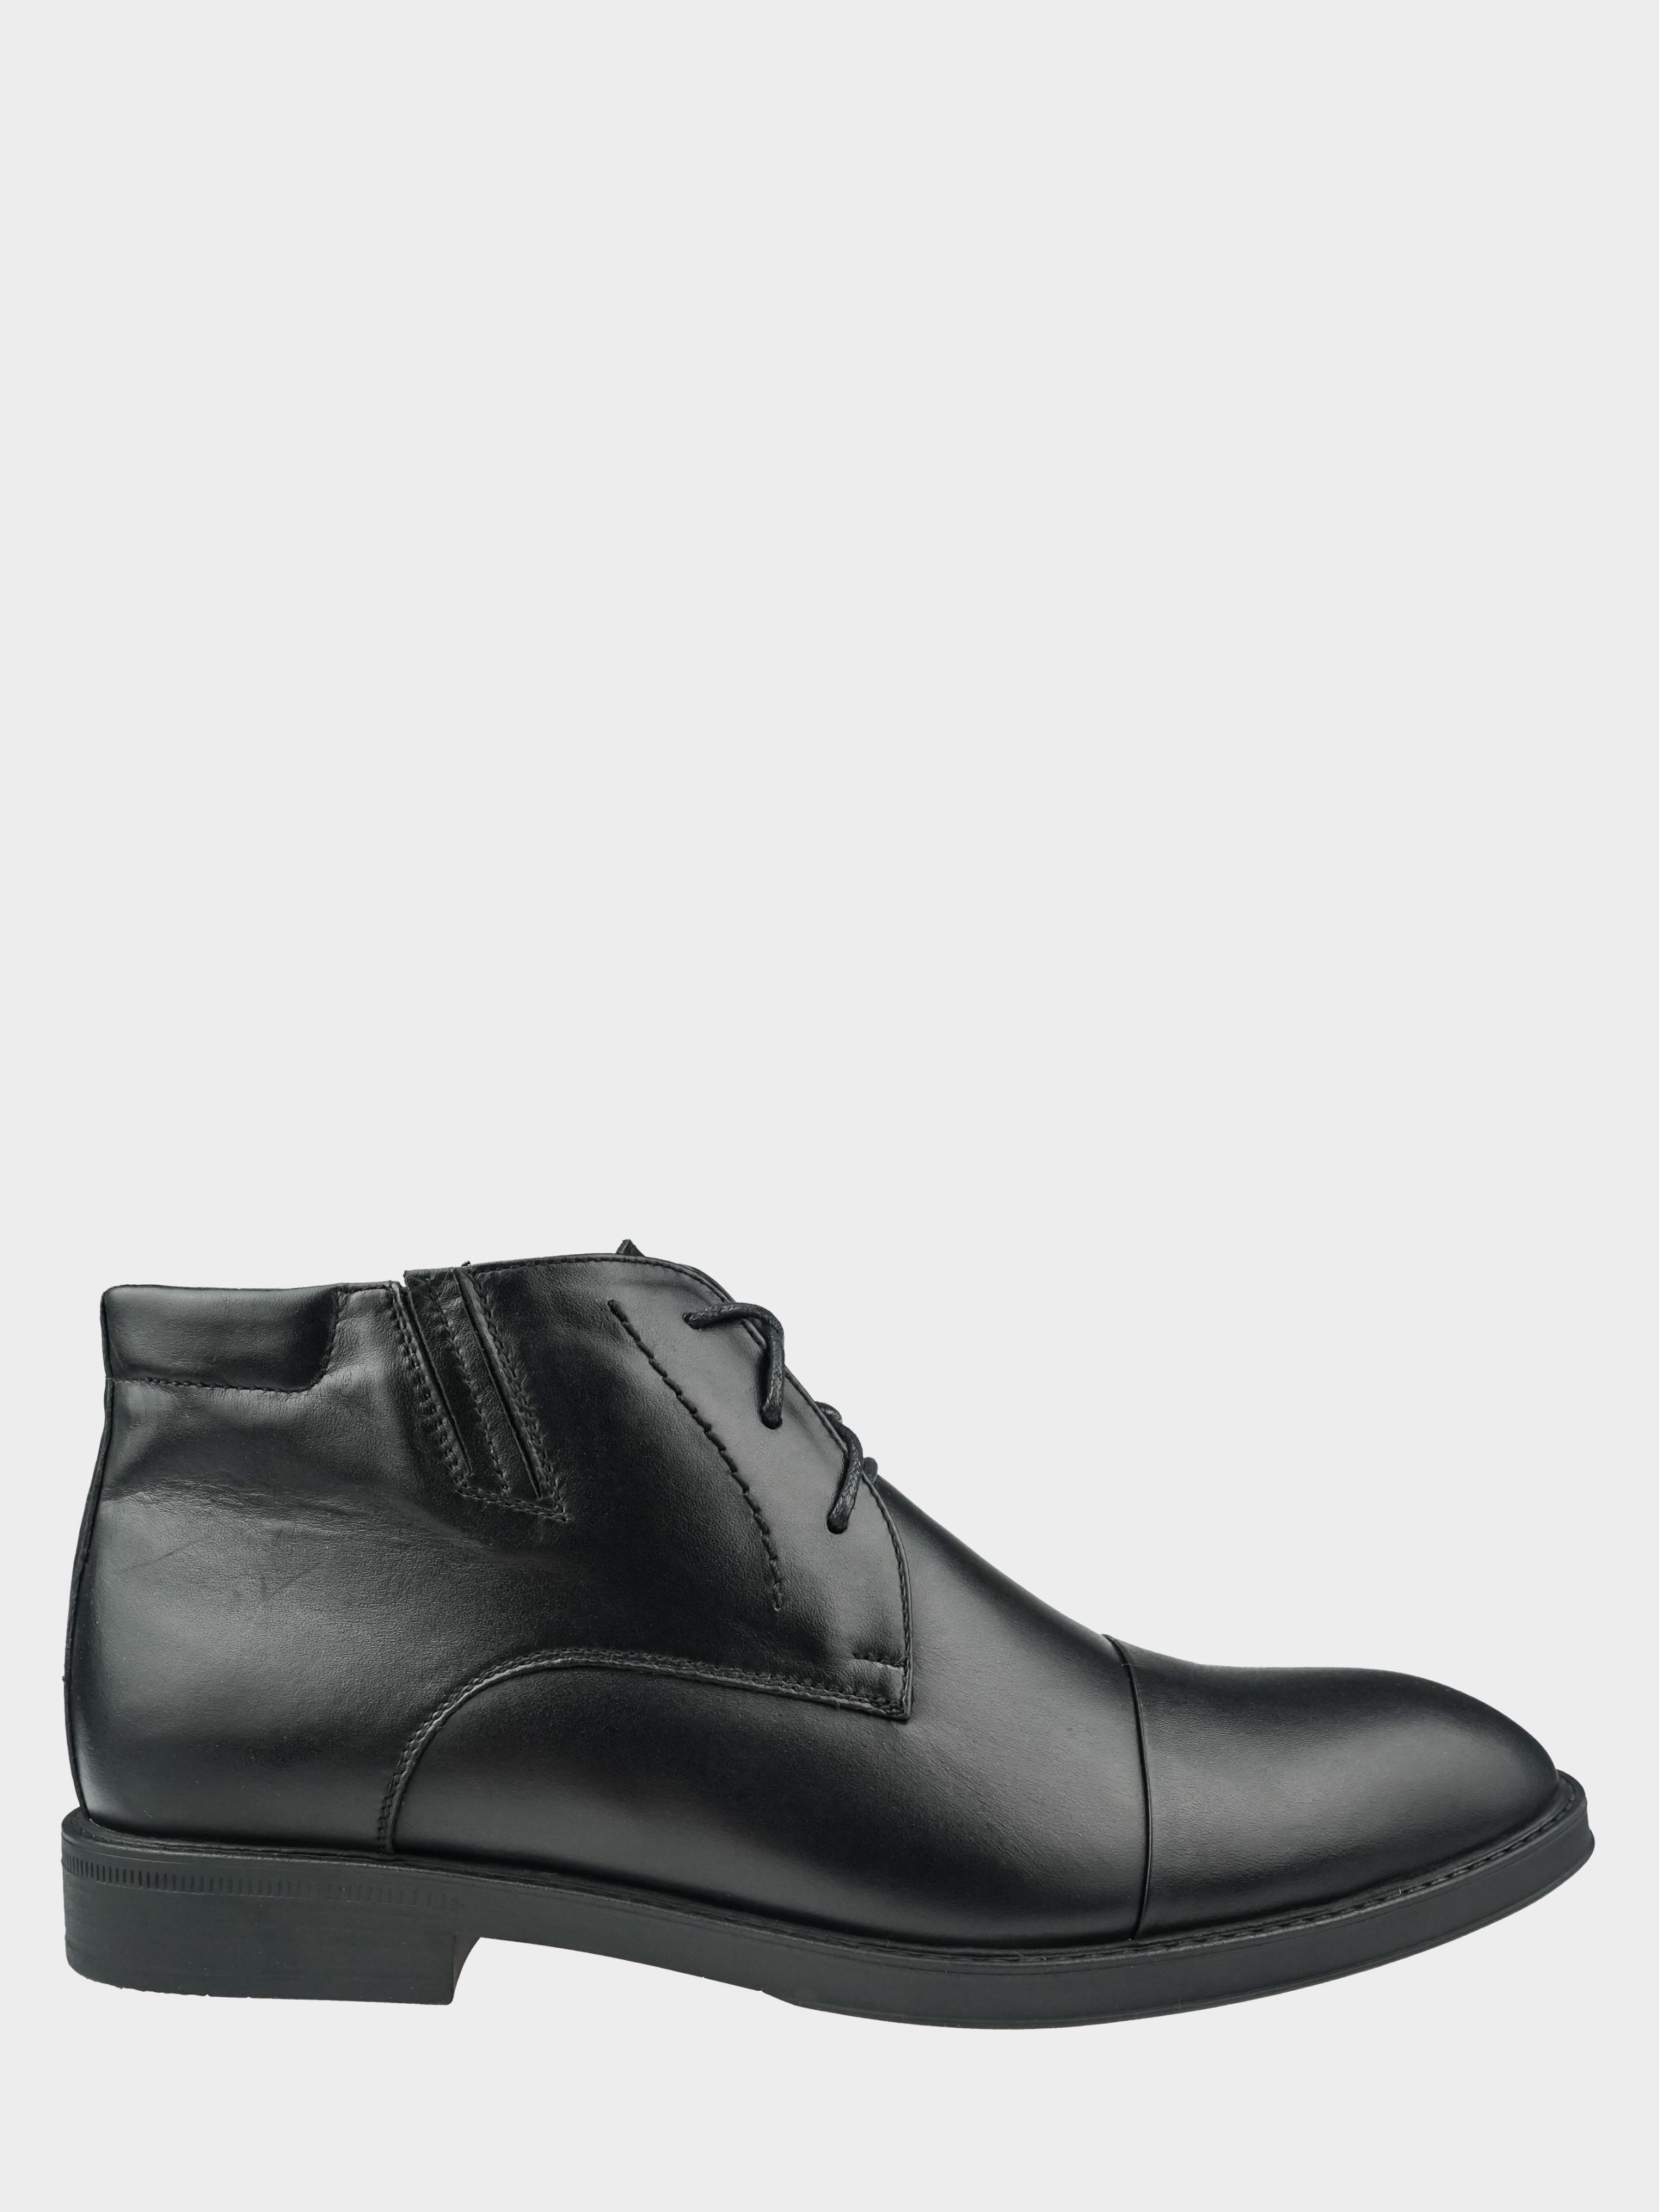 LiONEli / Ботинки мужские Ботинки LZ9682-01